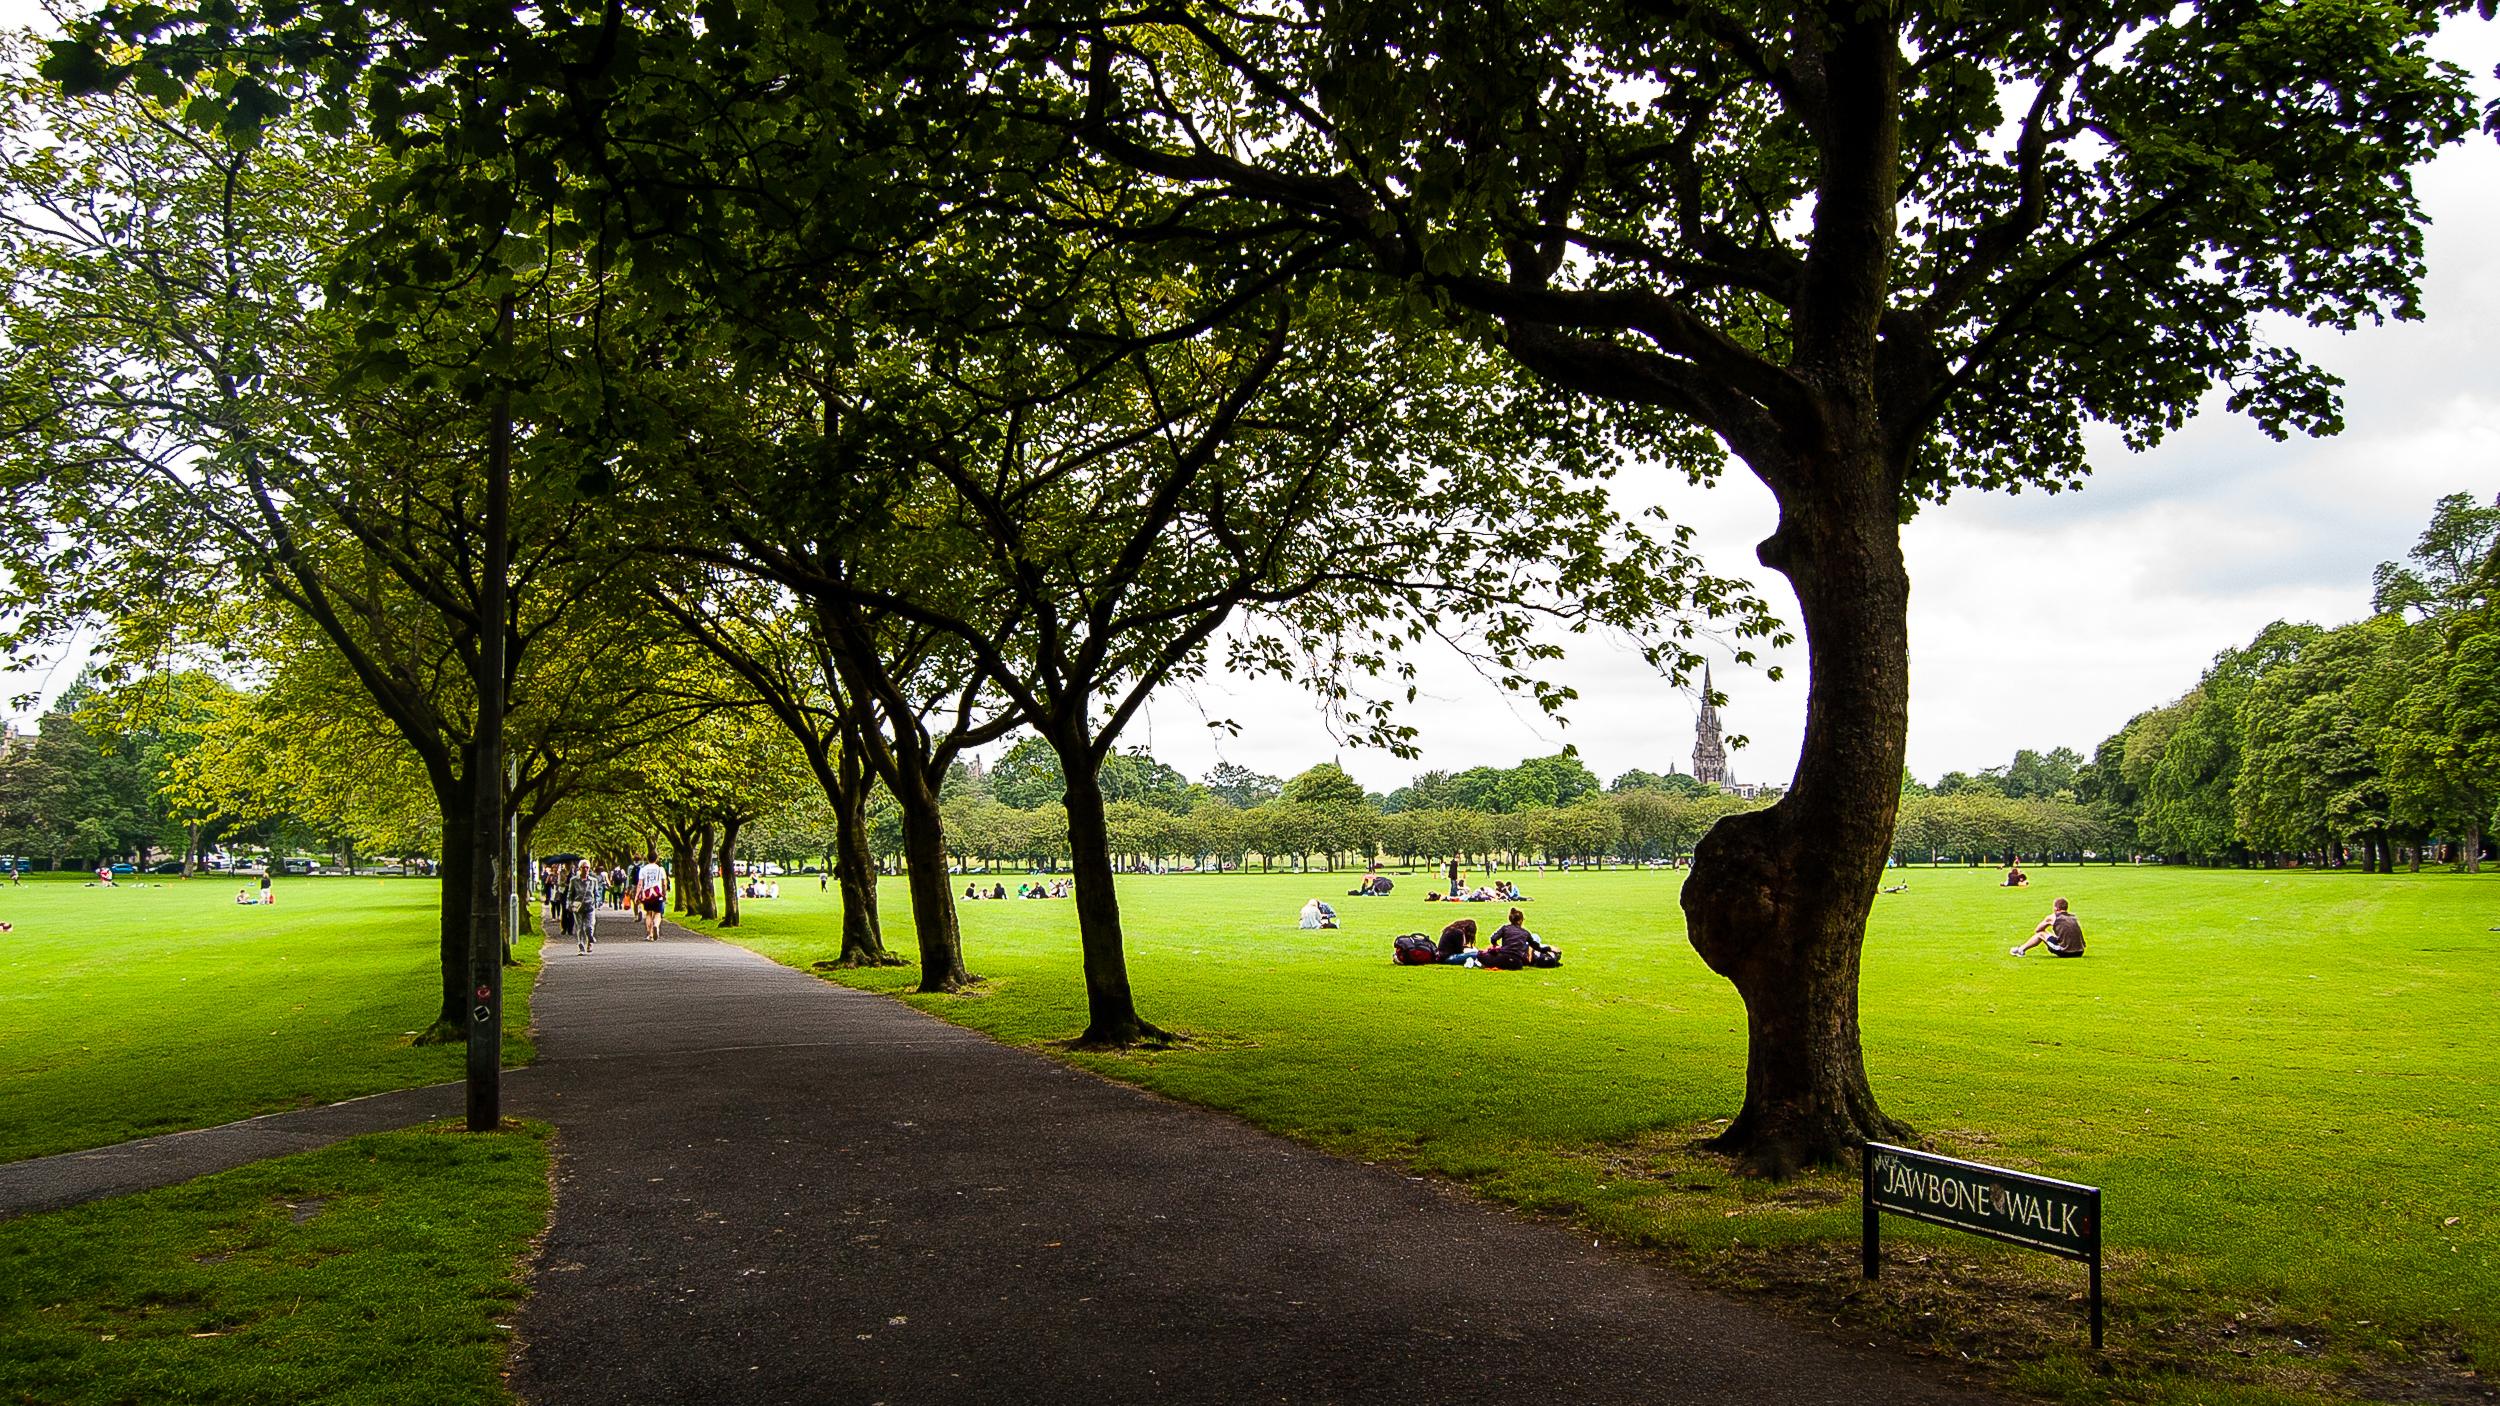 Edinburgh Jawbone Walk the Meadows